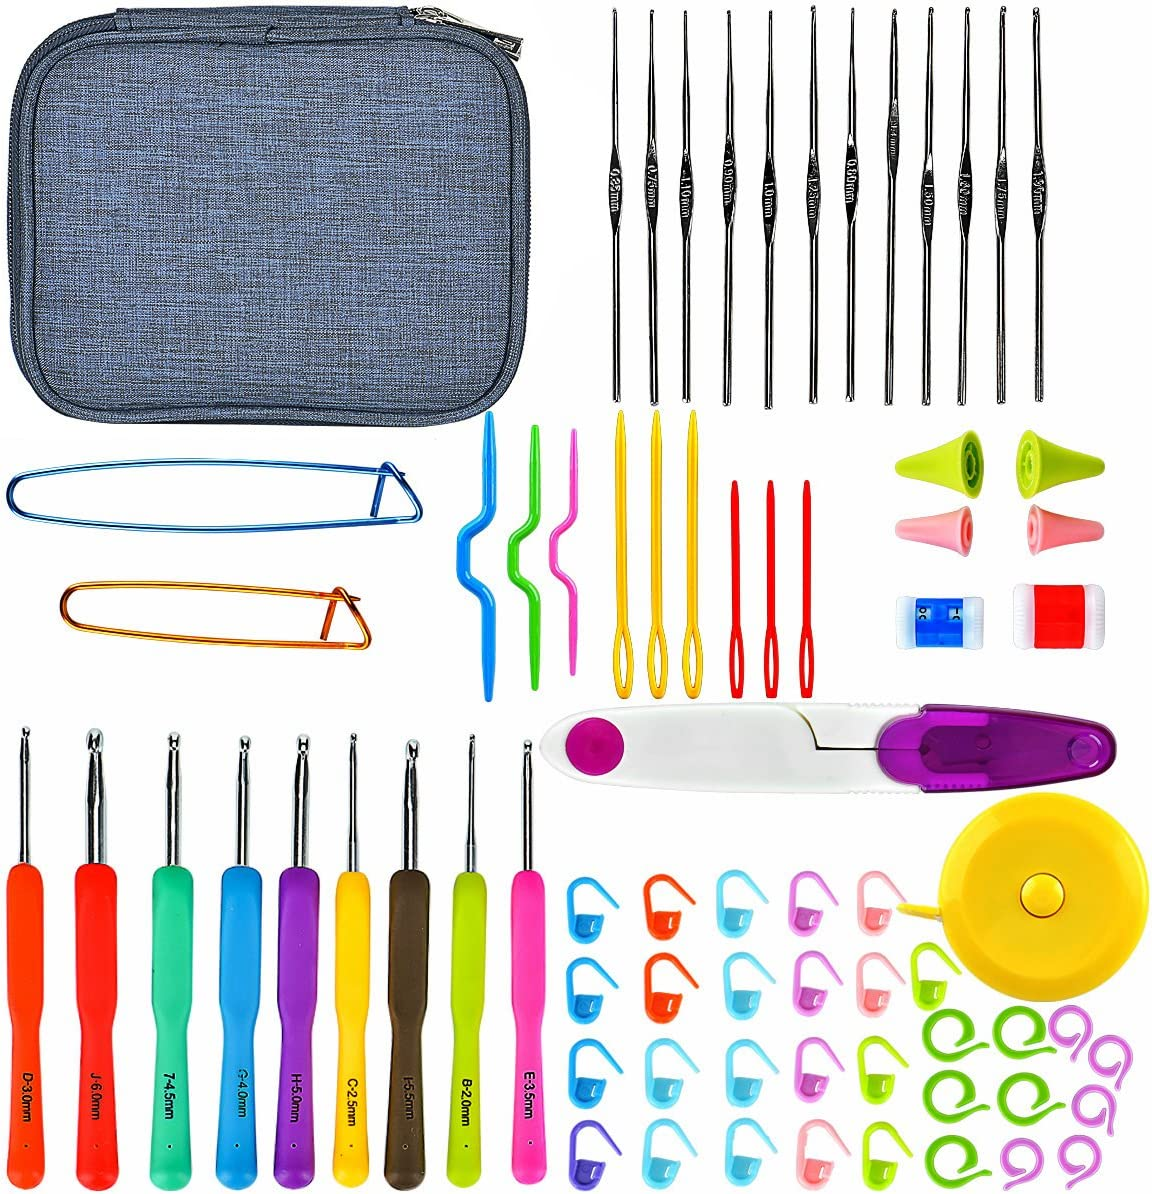 Juego de ganchillos de crochet,45Pcs Kit de Ganchillos Coloridas Accesorios con Bolsa,Incluyendo los ganchos de tejer, las tijeras,las agujas y más Perfecto para Tejer en Ganchillo Proyectos